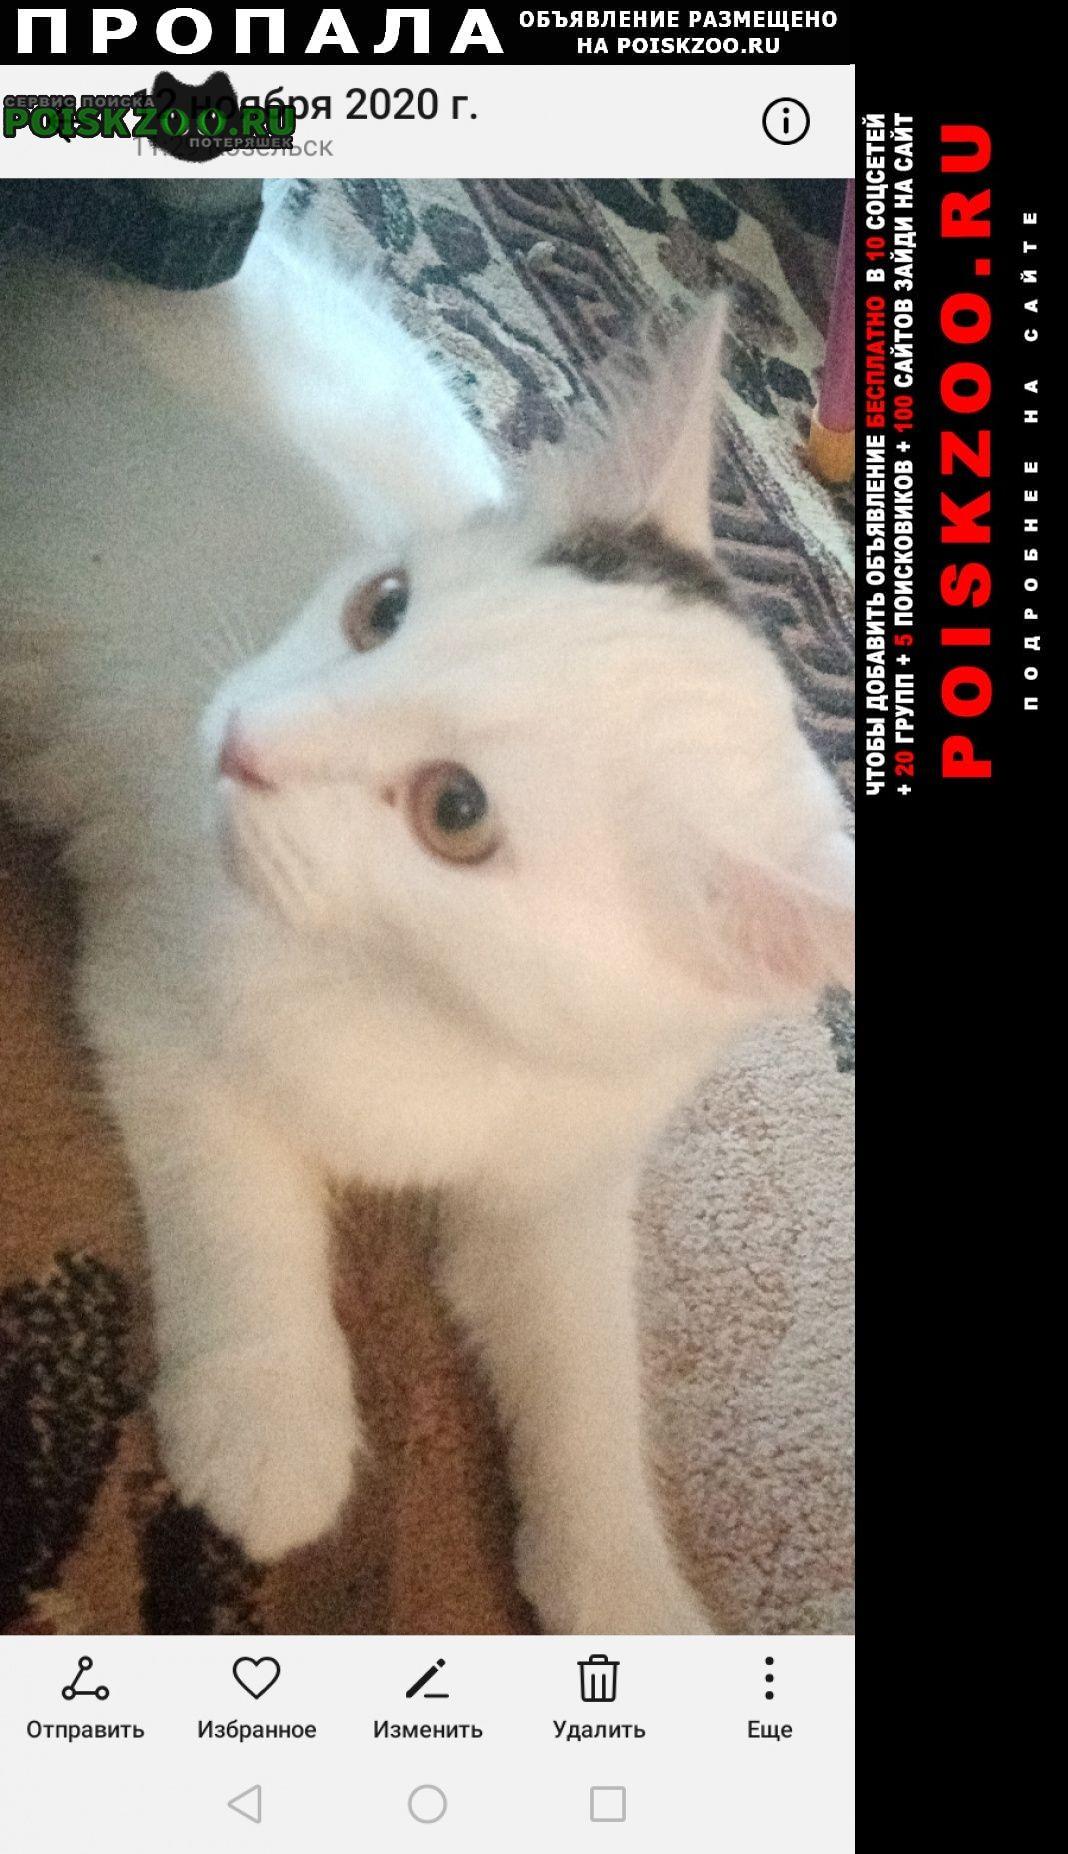 Пропала кошка белая с чёрным пятном на г Козельск